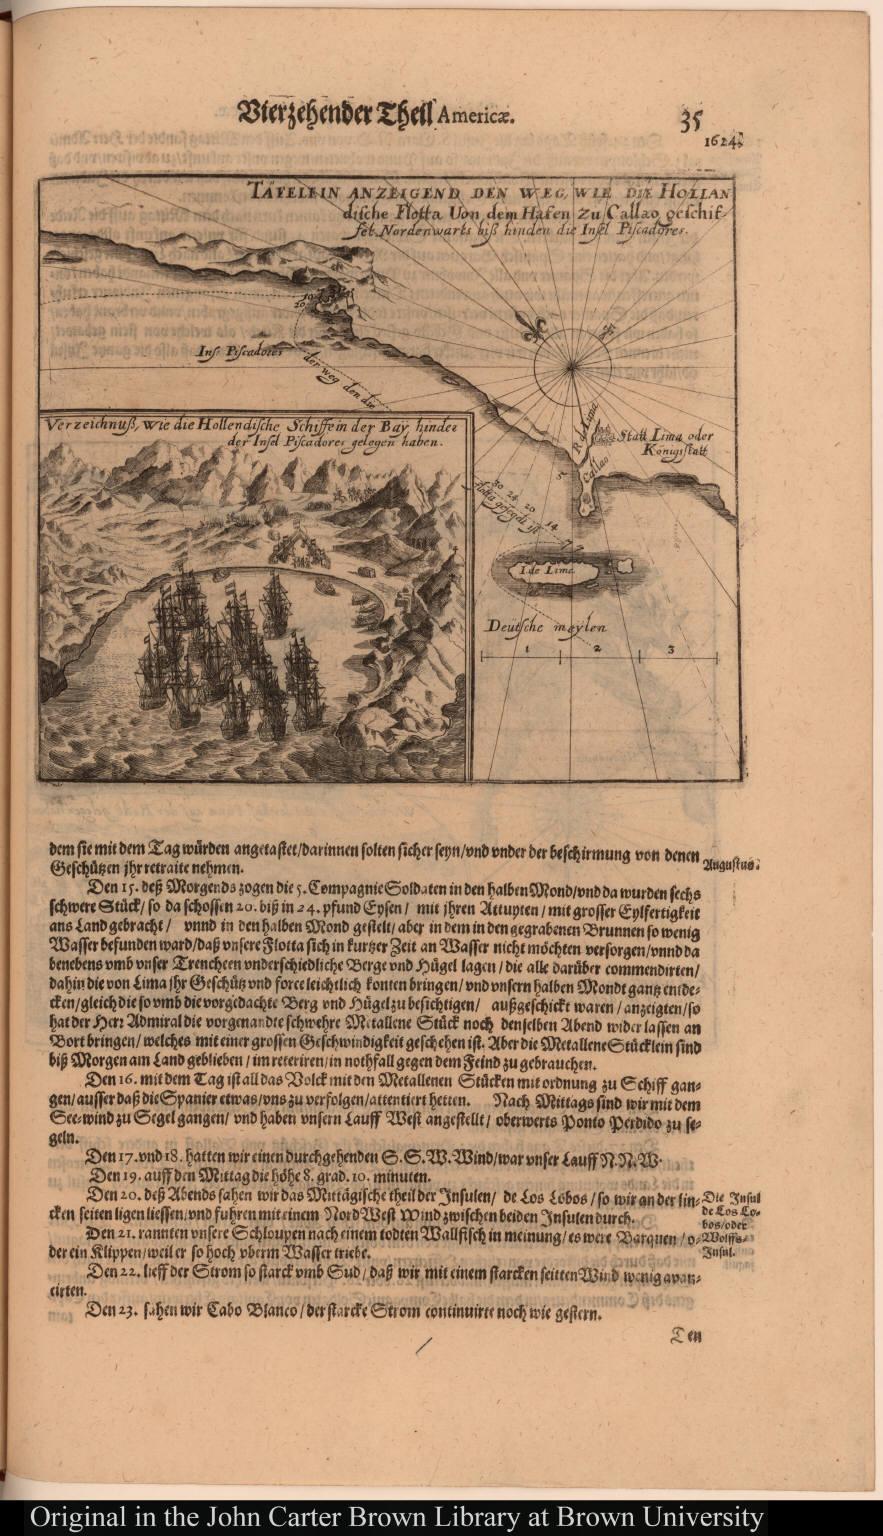 Täfelein anzeigend den weg, wie die Hollandische Flotta Von dem Hafen zu Callao geschiffet Nordenwarts biss hinden die Insel Piscadores.